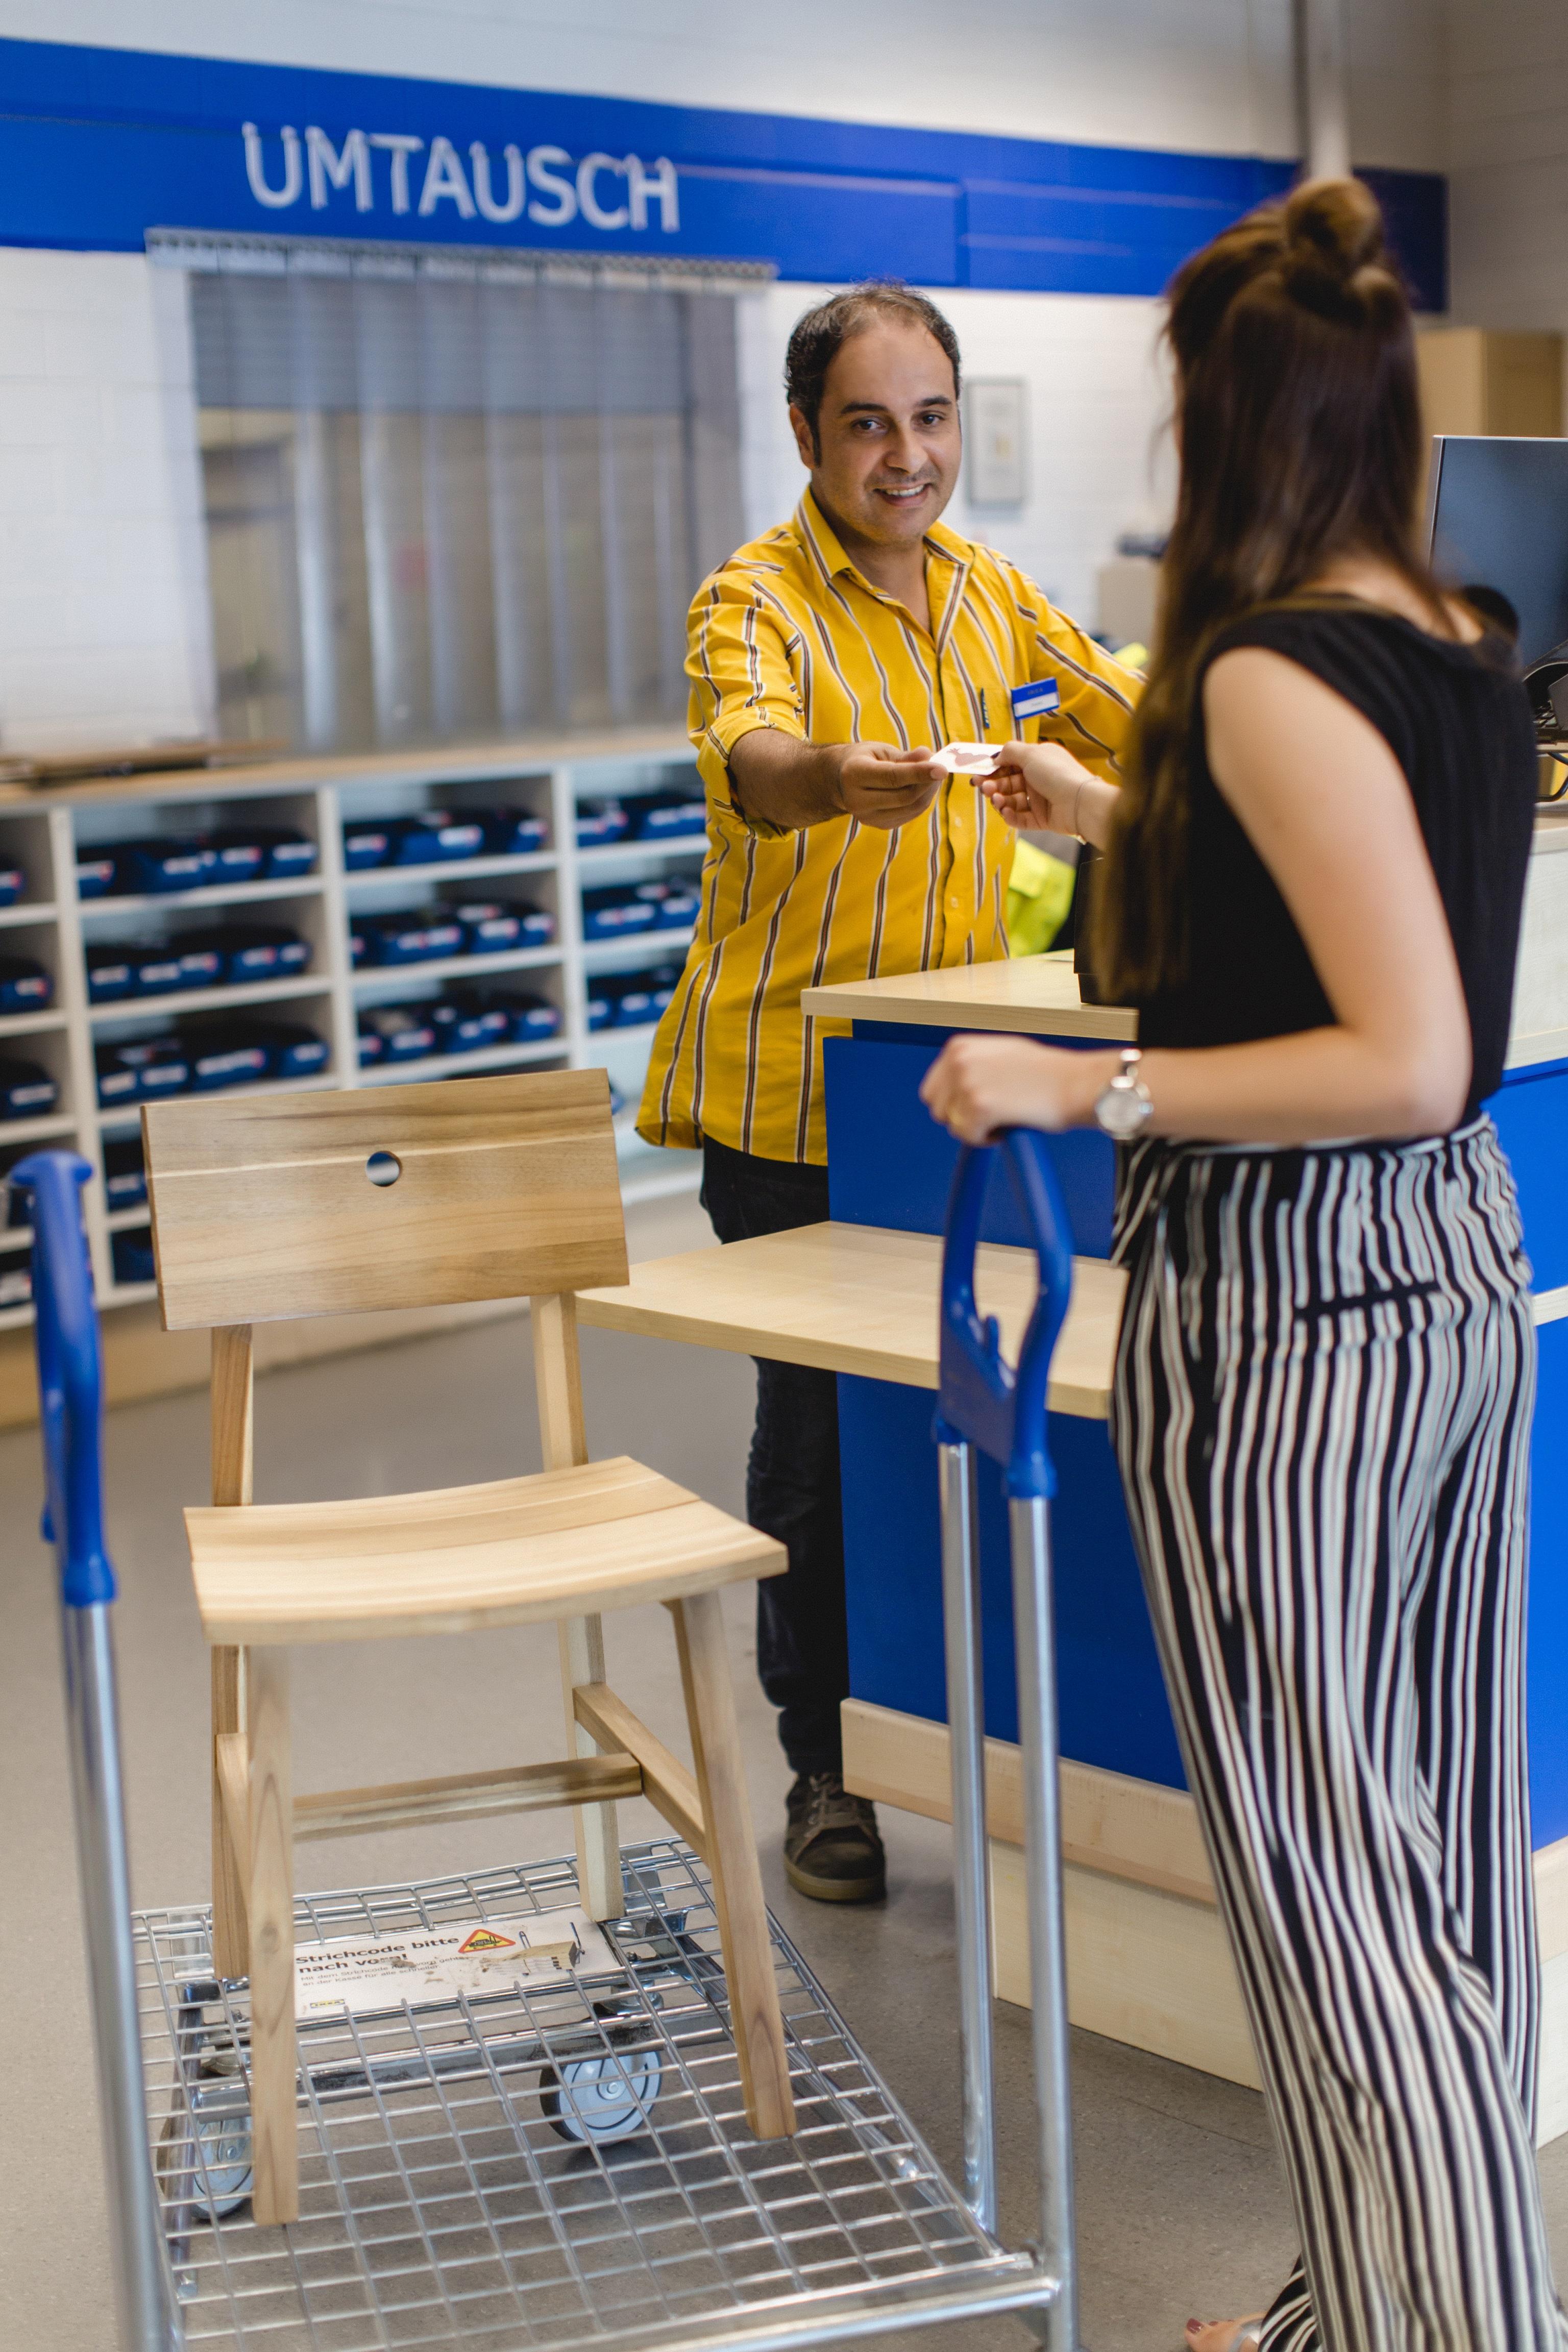 Zweite Chance Für Billy Und Co Ikea Startet Test Zum Rückkauf